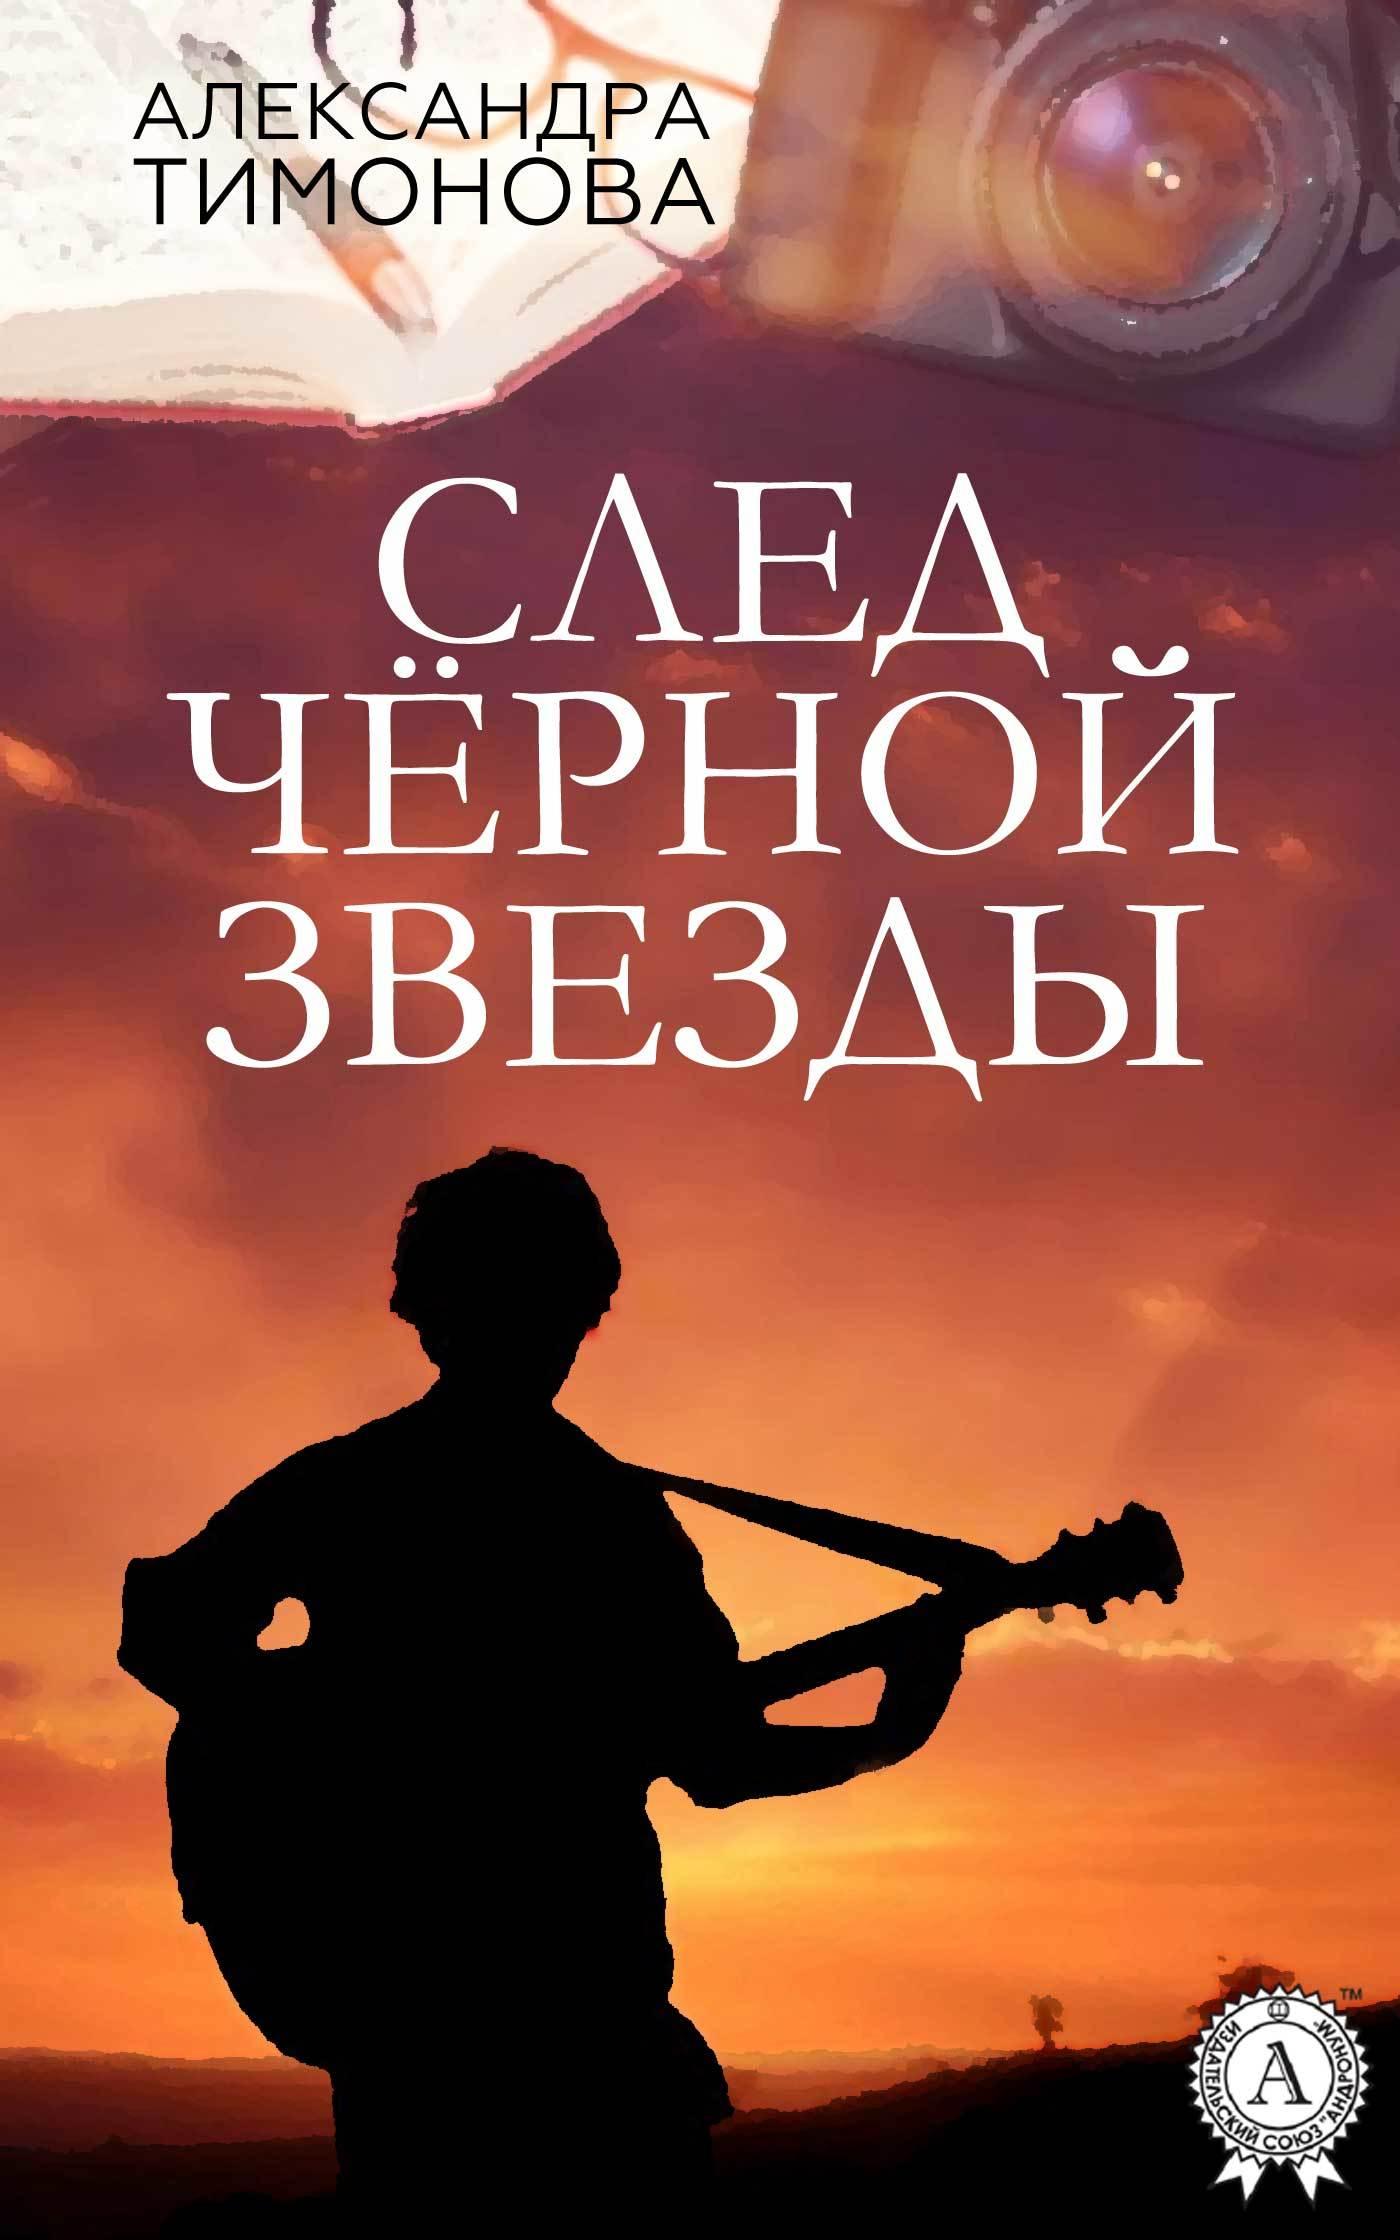 Александра Тимонова бесплатно